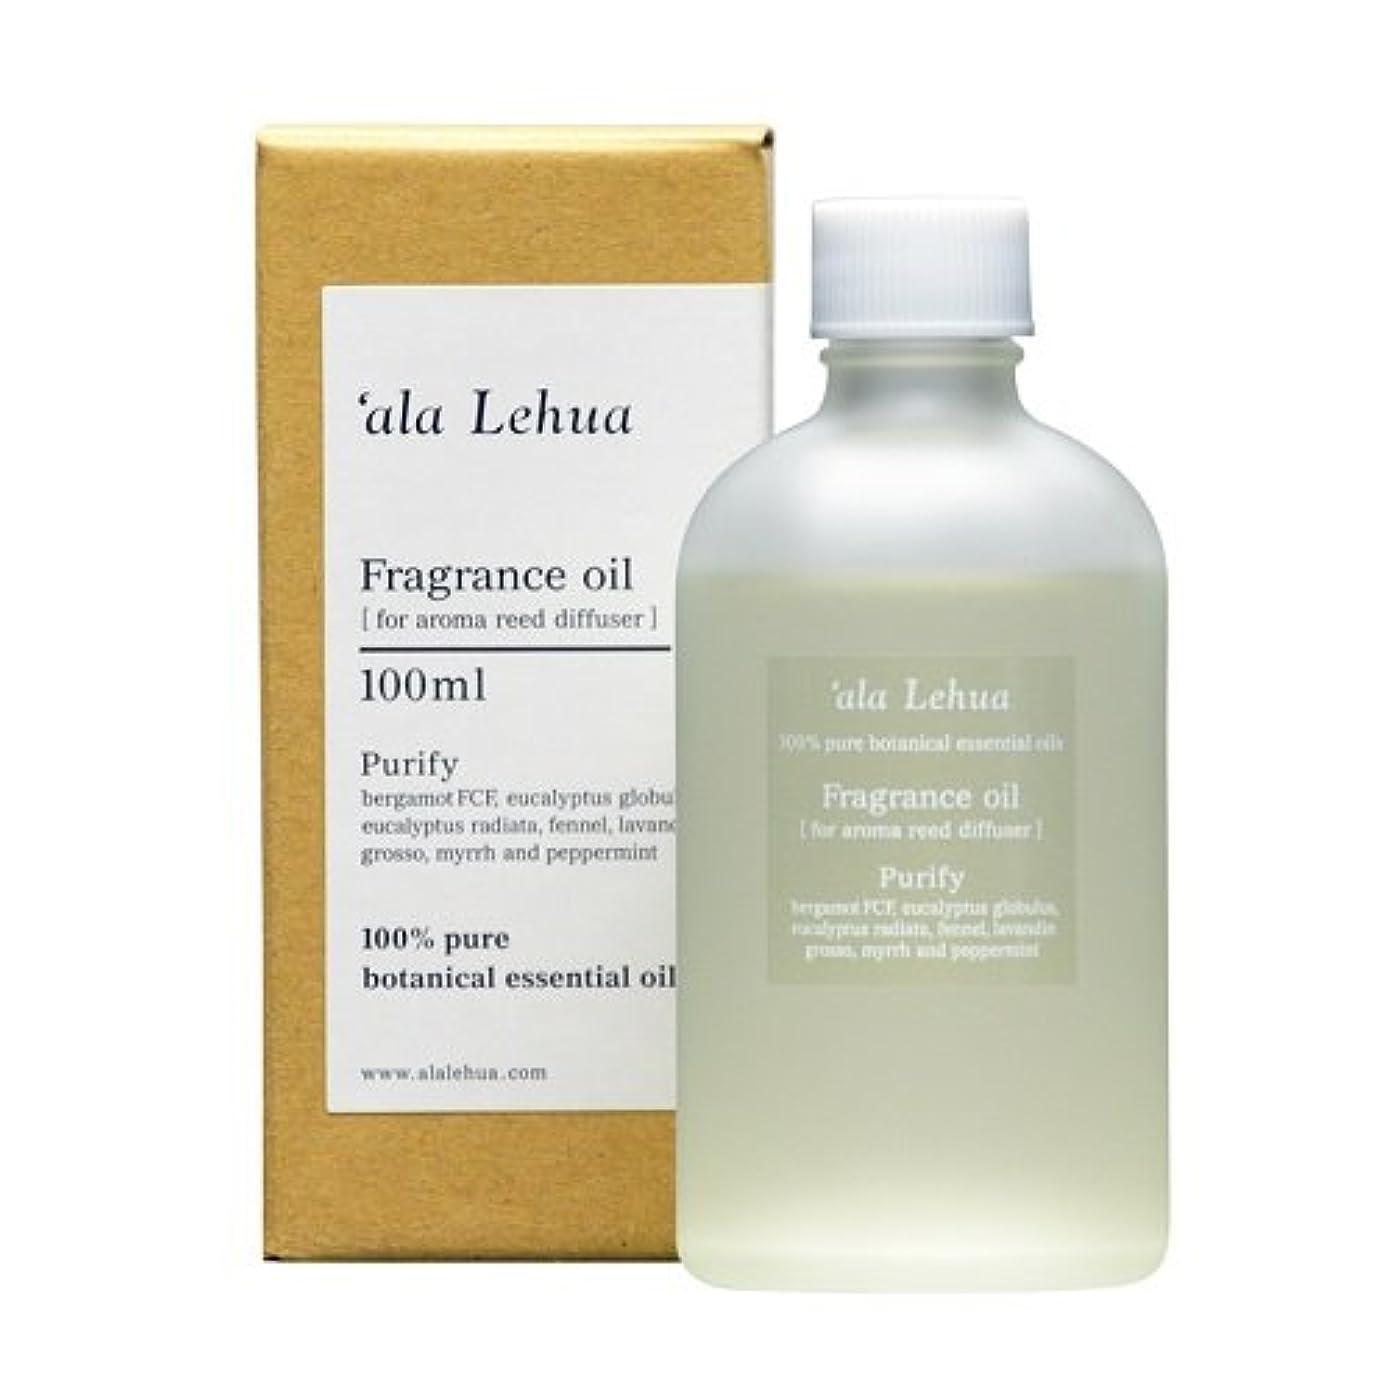 シェル分散付属品フレーバーライフ(Flavor Life) `ala Lehua (アラレフア) アロマリードディフューザー フレグランスオイル 100ml purify(ピュリファイ)